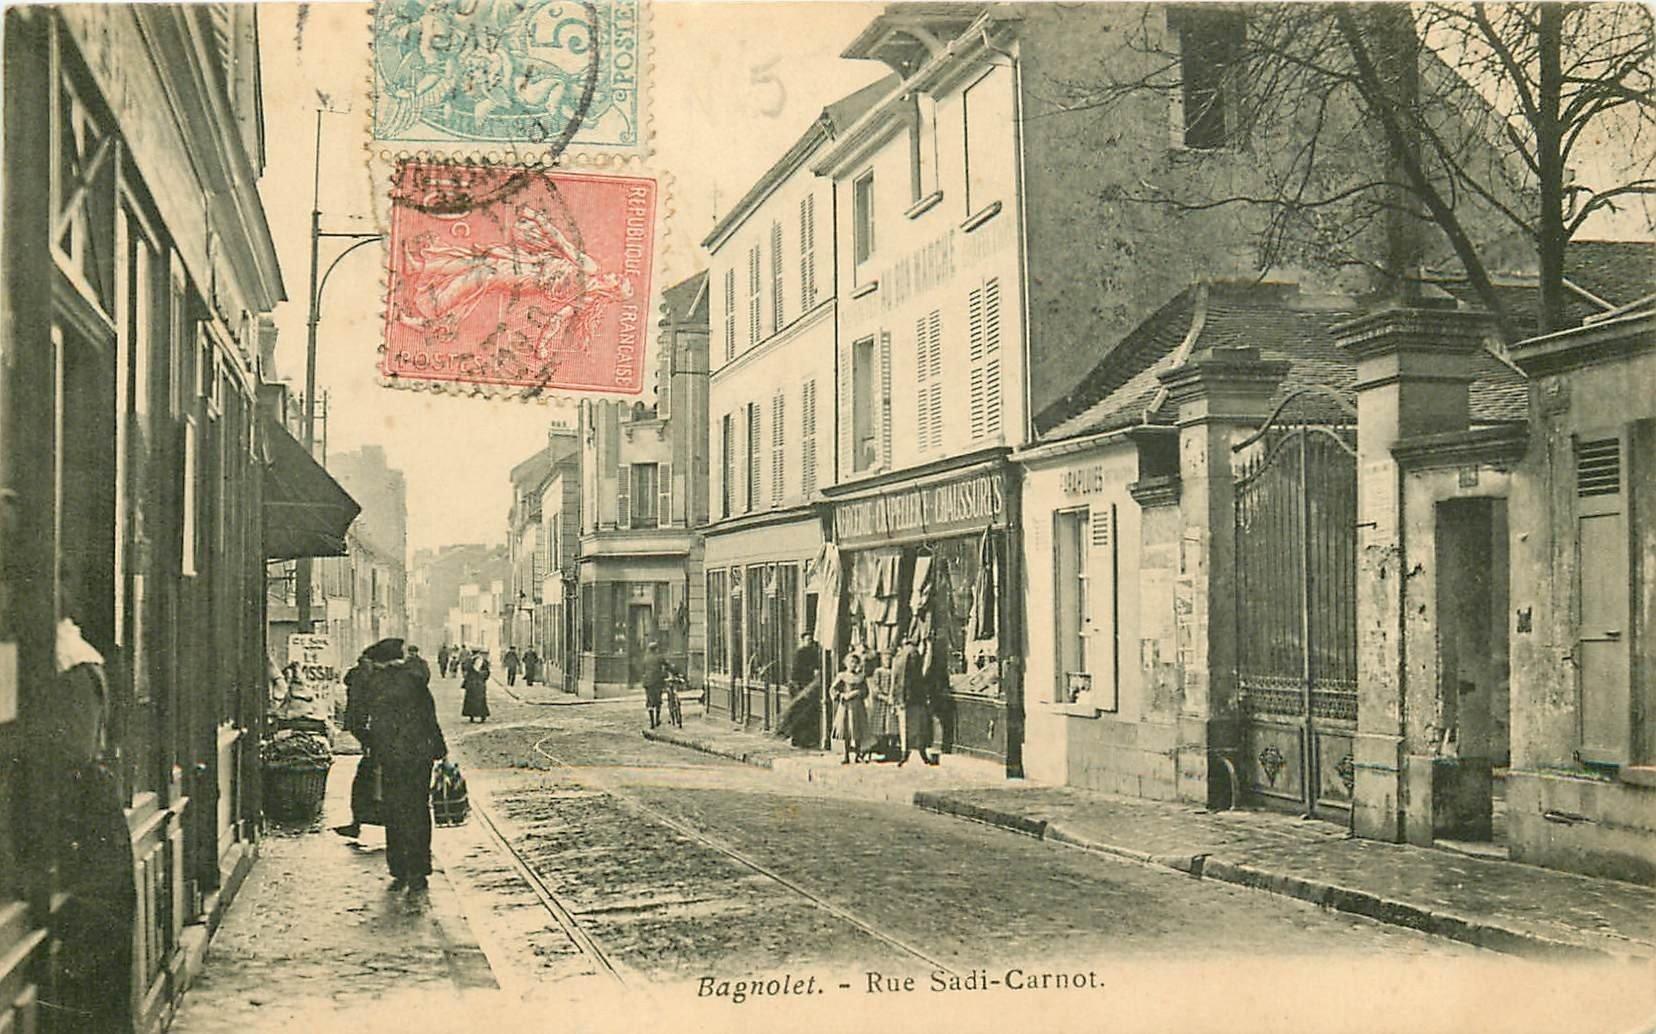 93 BAGNOLET. La Rue Sadi Carnot 1905. A doite la Rue Berton et les grilles de la Maison du d'un Artiste Peintre